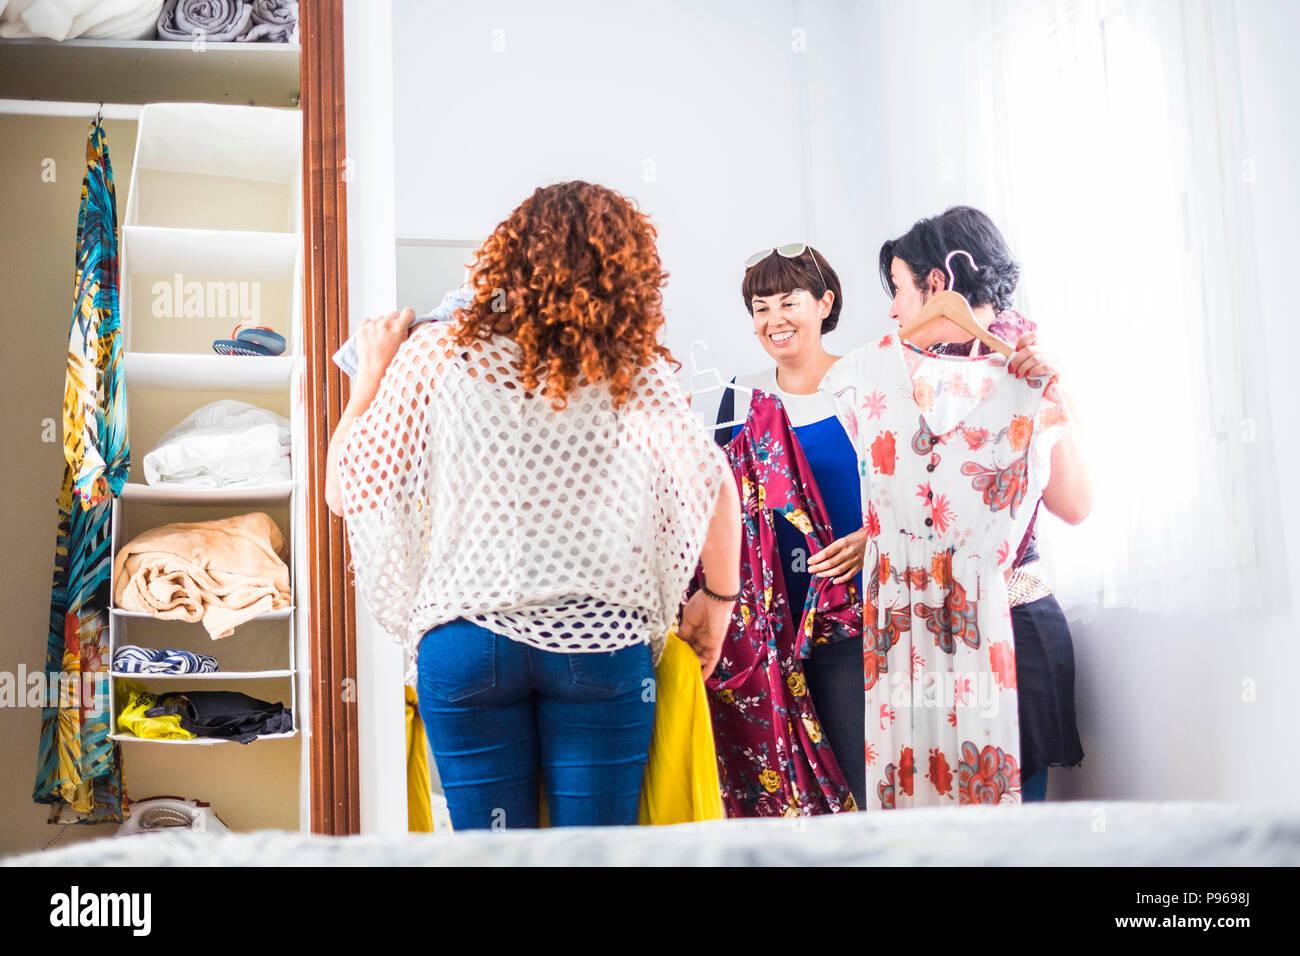 Grupo de tres mujeres jóvenes caucásicos en casa eligiendo el vestido listo para los eventos nocturnos y celebrar juntos en amistad. Sonríe y Niza leisu Imagen De Stock